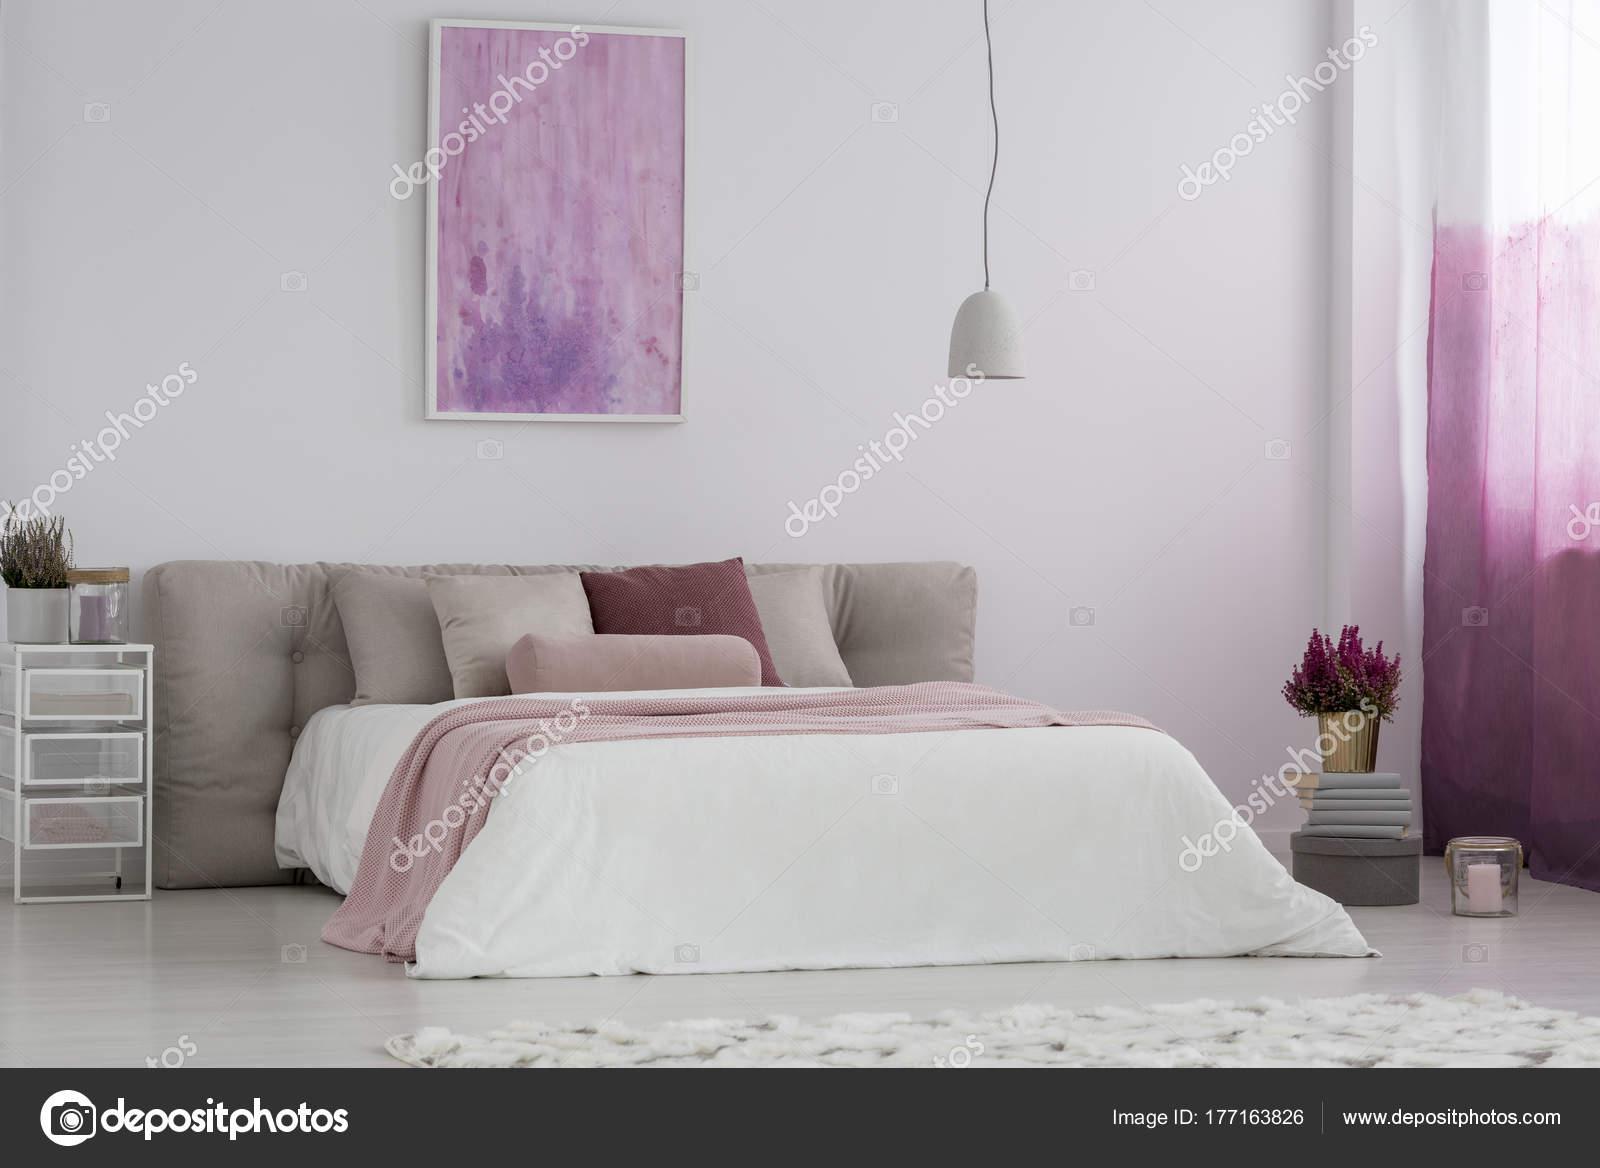 Slaapkamer Lamp Roze : Girl s slaapkamer met roze schilderij u stockfoto photographee